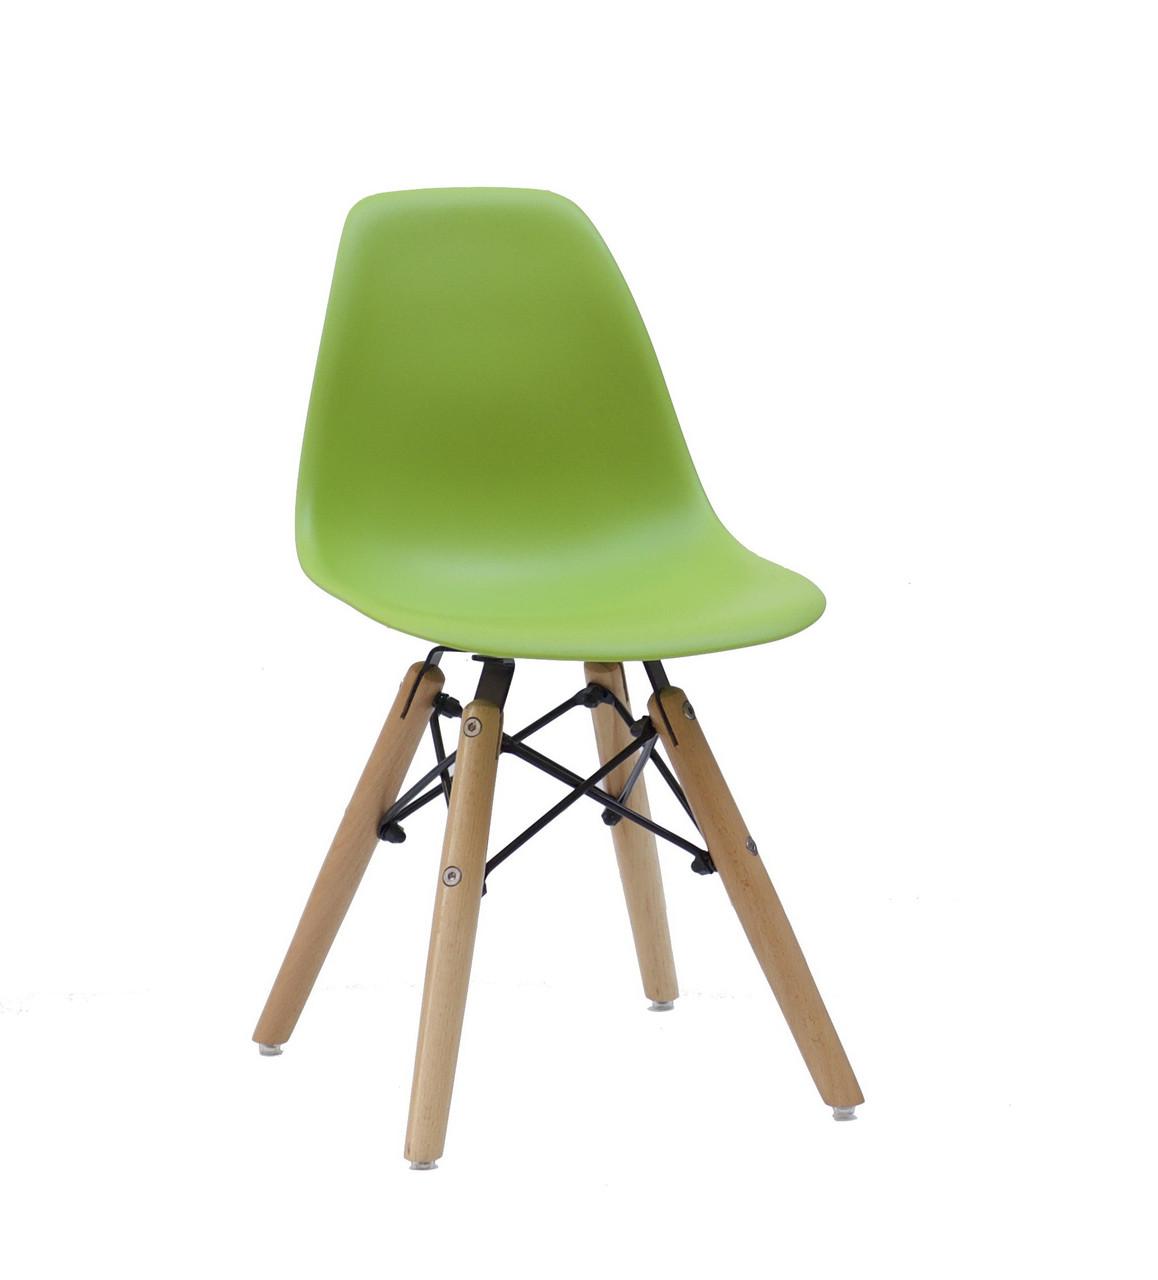 Детский стул из пластика Kids Nik (Кидс Ник) зеленый 41 + ноги буковые